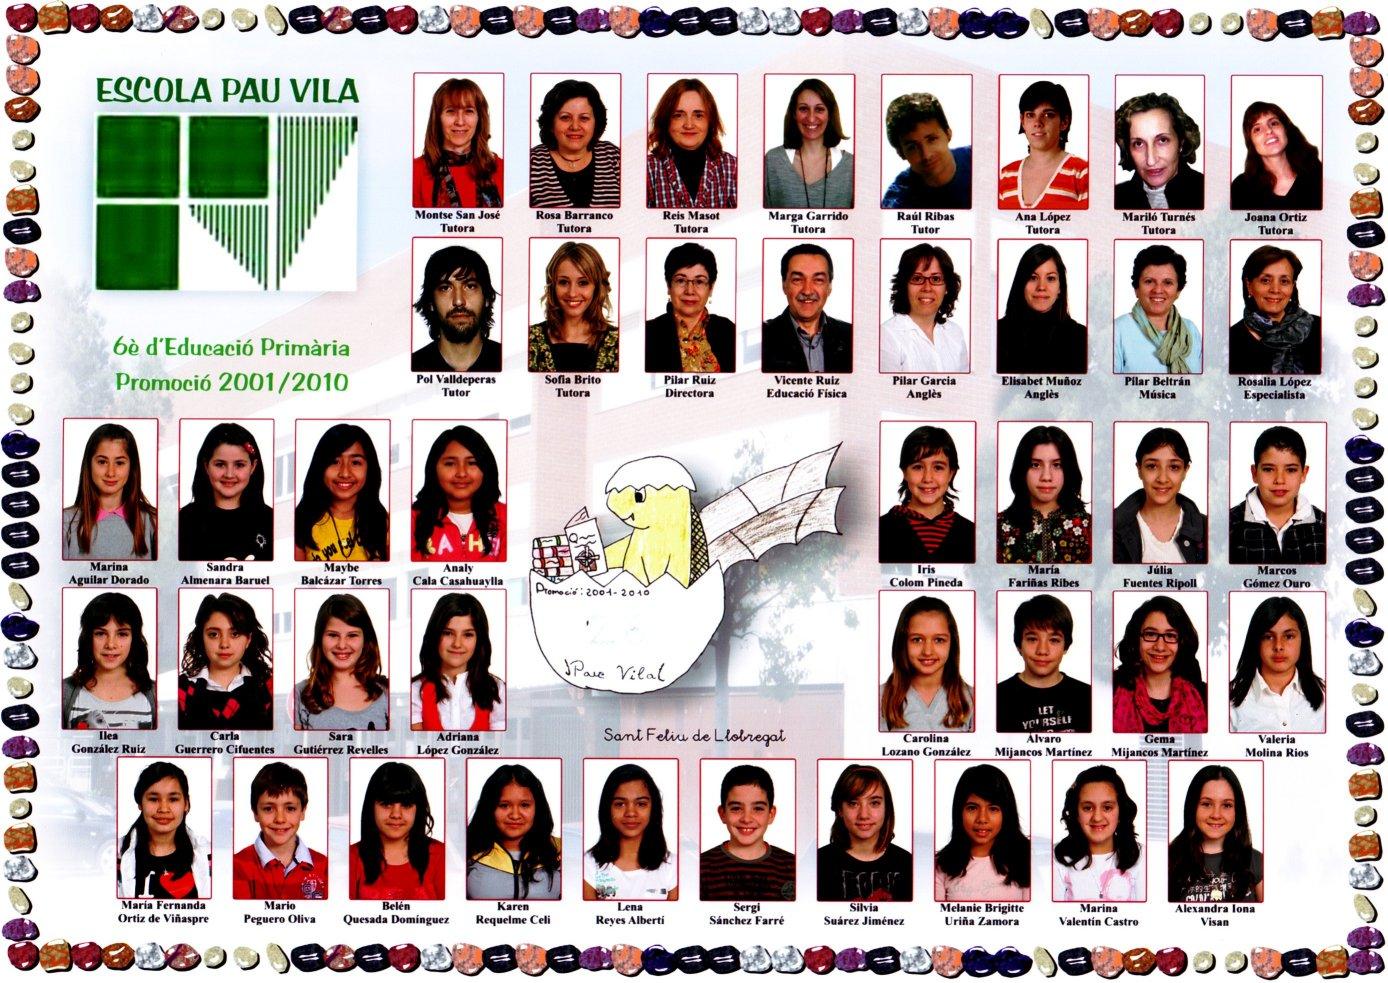 pau-vila-promo-2001-2010